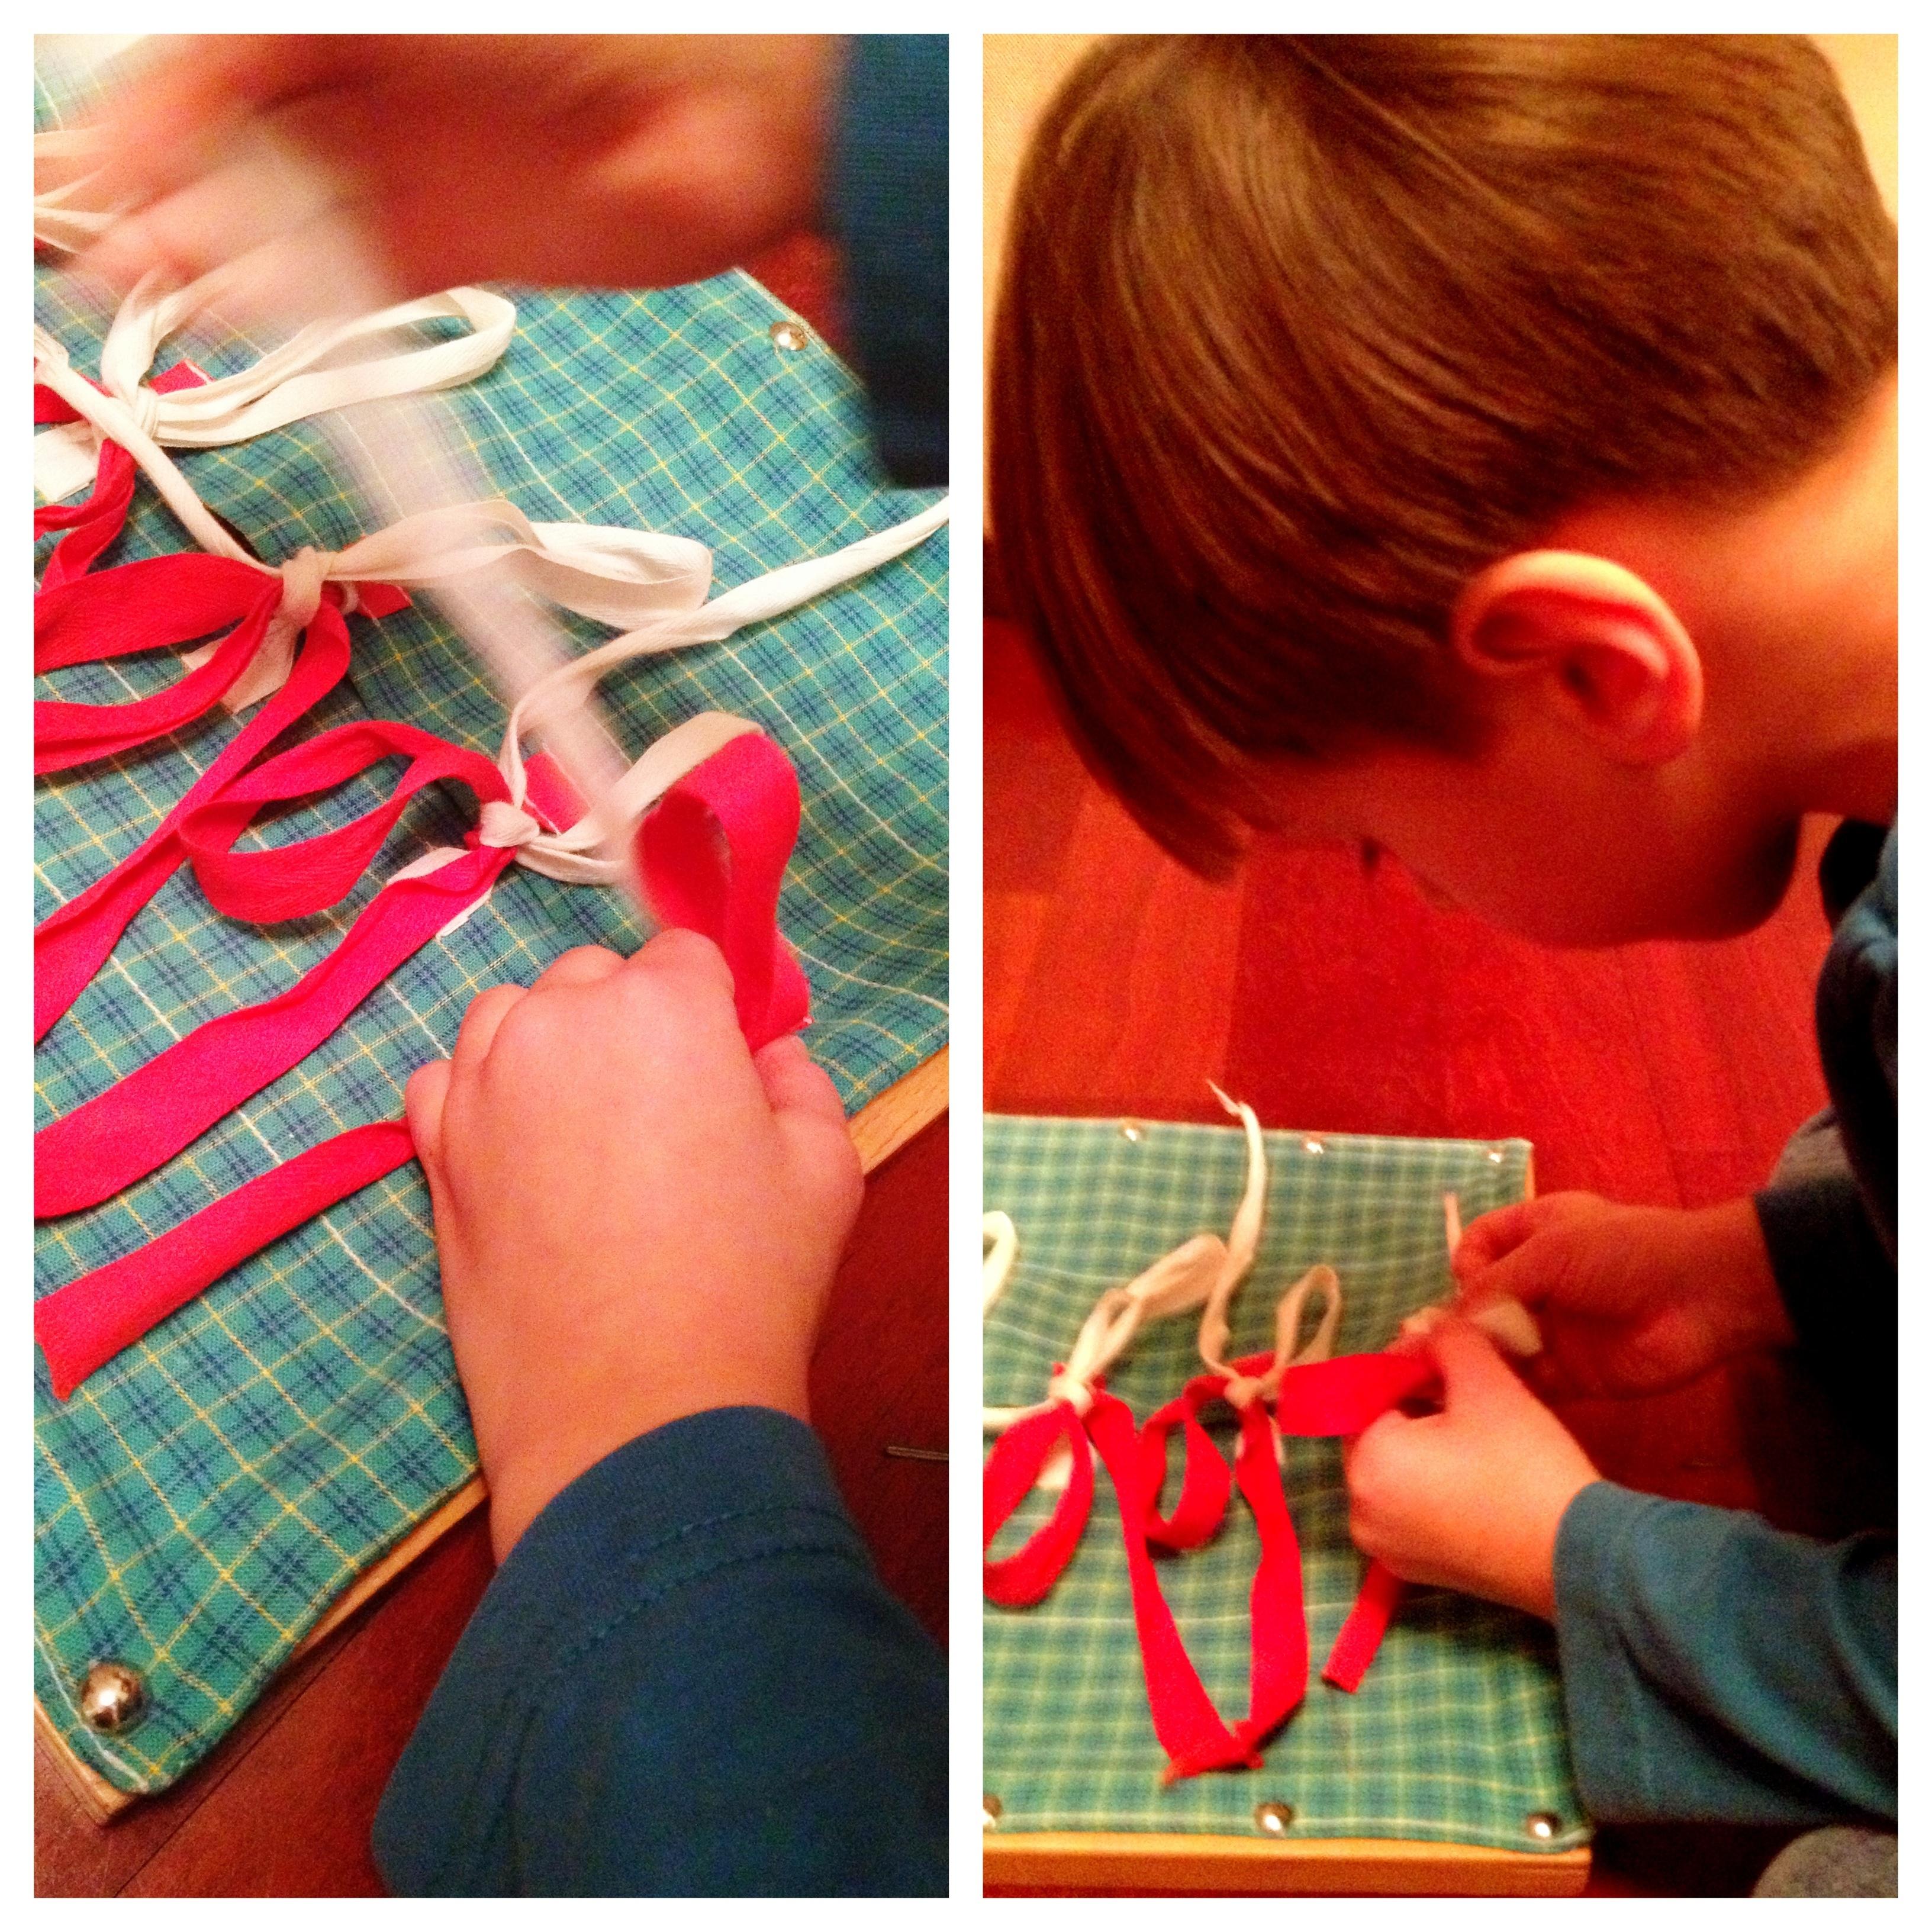 Dem Himmel sei Dank für Nurofen! Damit war der Bub fein und konnte sich hin aller Ruhe seinen neuen Fertigkeiten widmen: Schleife binden mit dem Montessori-Schleifenrahmen! Dazu demnächst mehr hier.